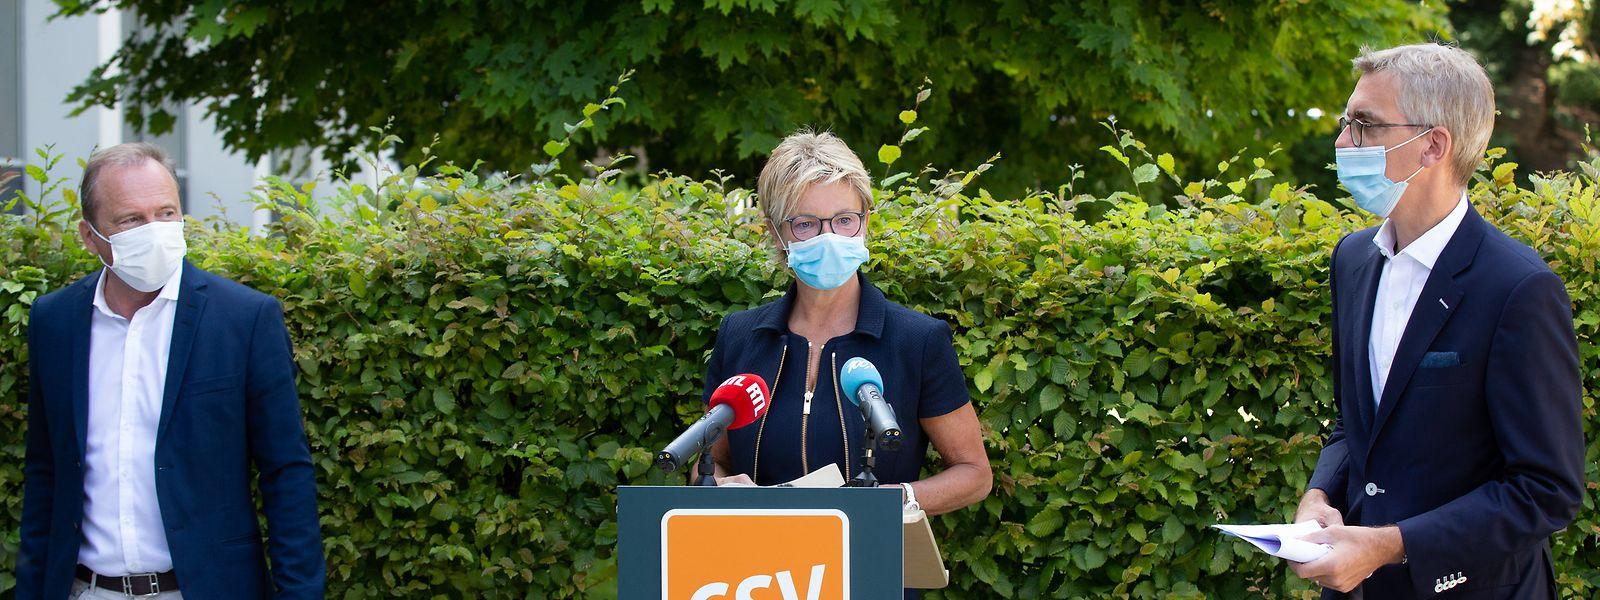 Gilles Roth, Martine Hansen und Léon Gloden vertraten die 21 CSV-Abgeordneten am Montag.